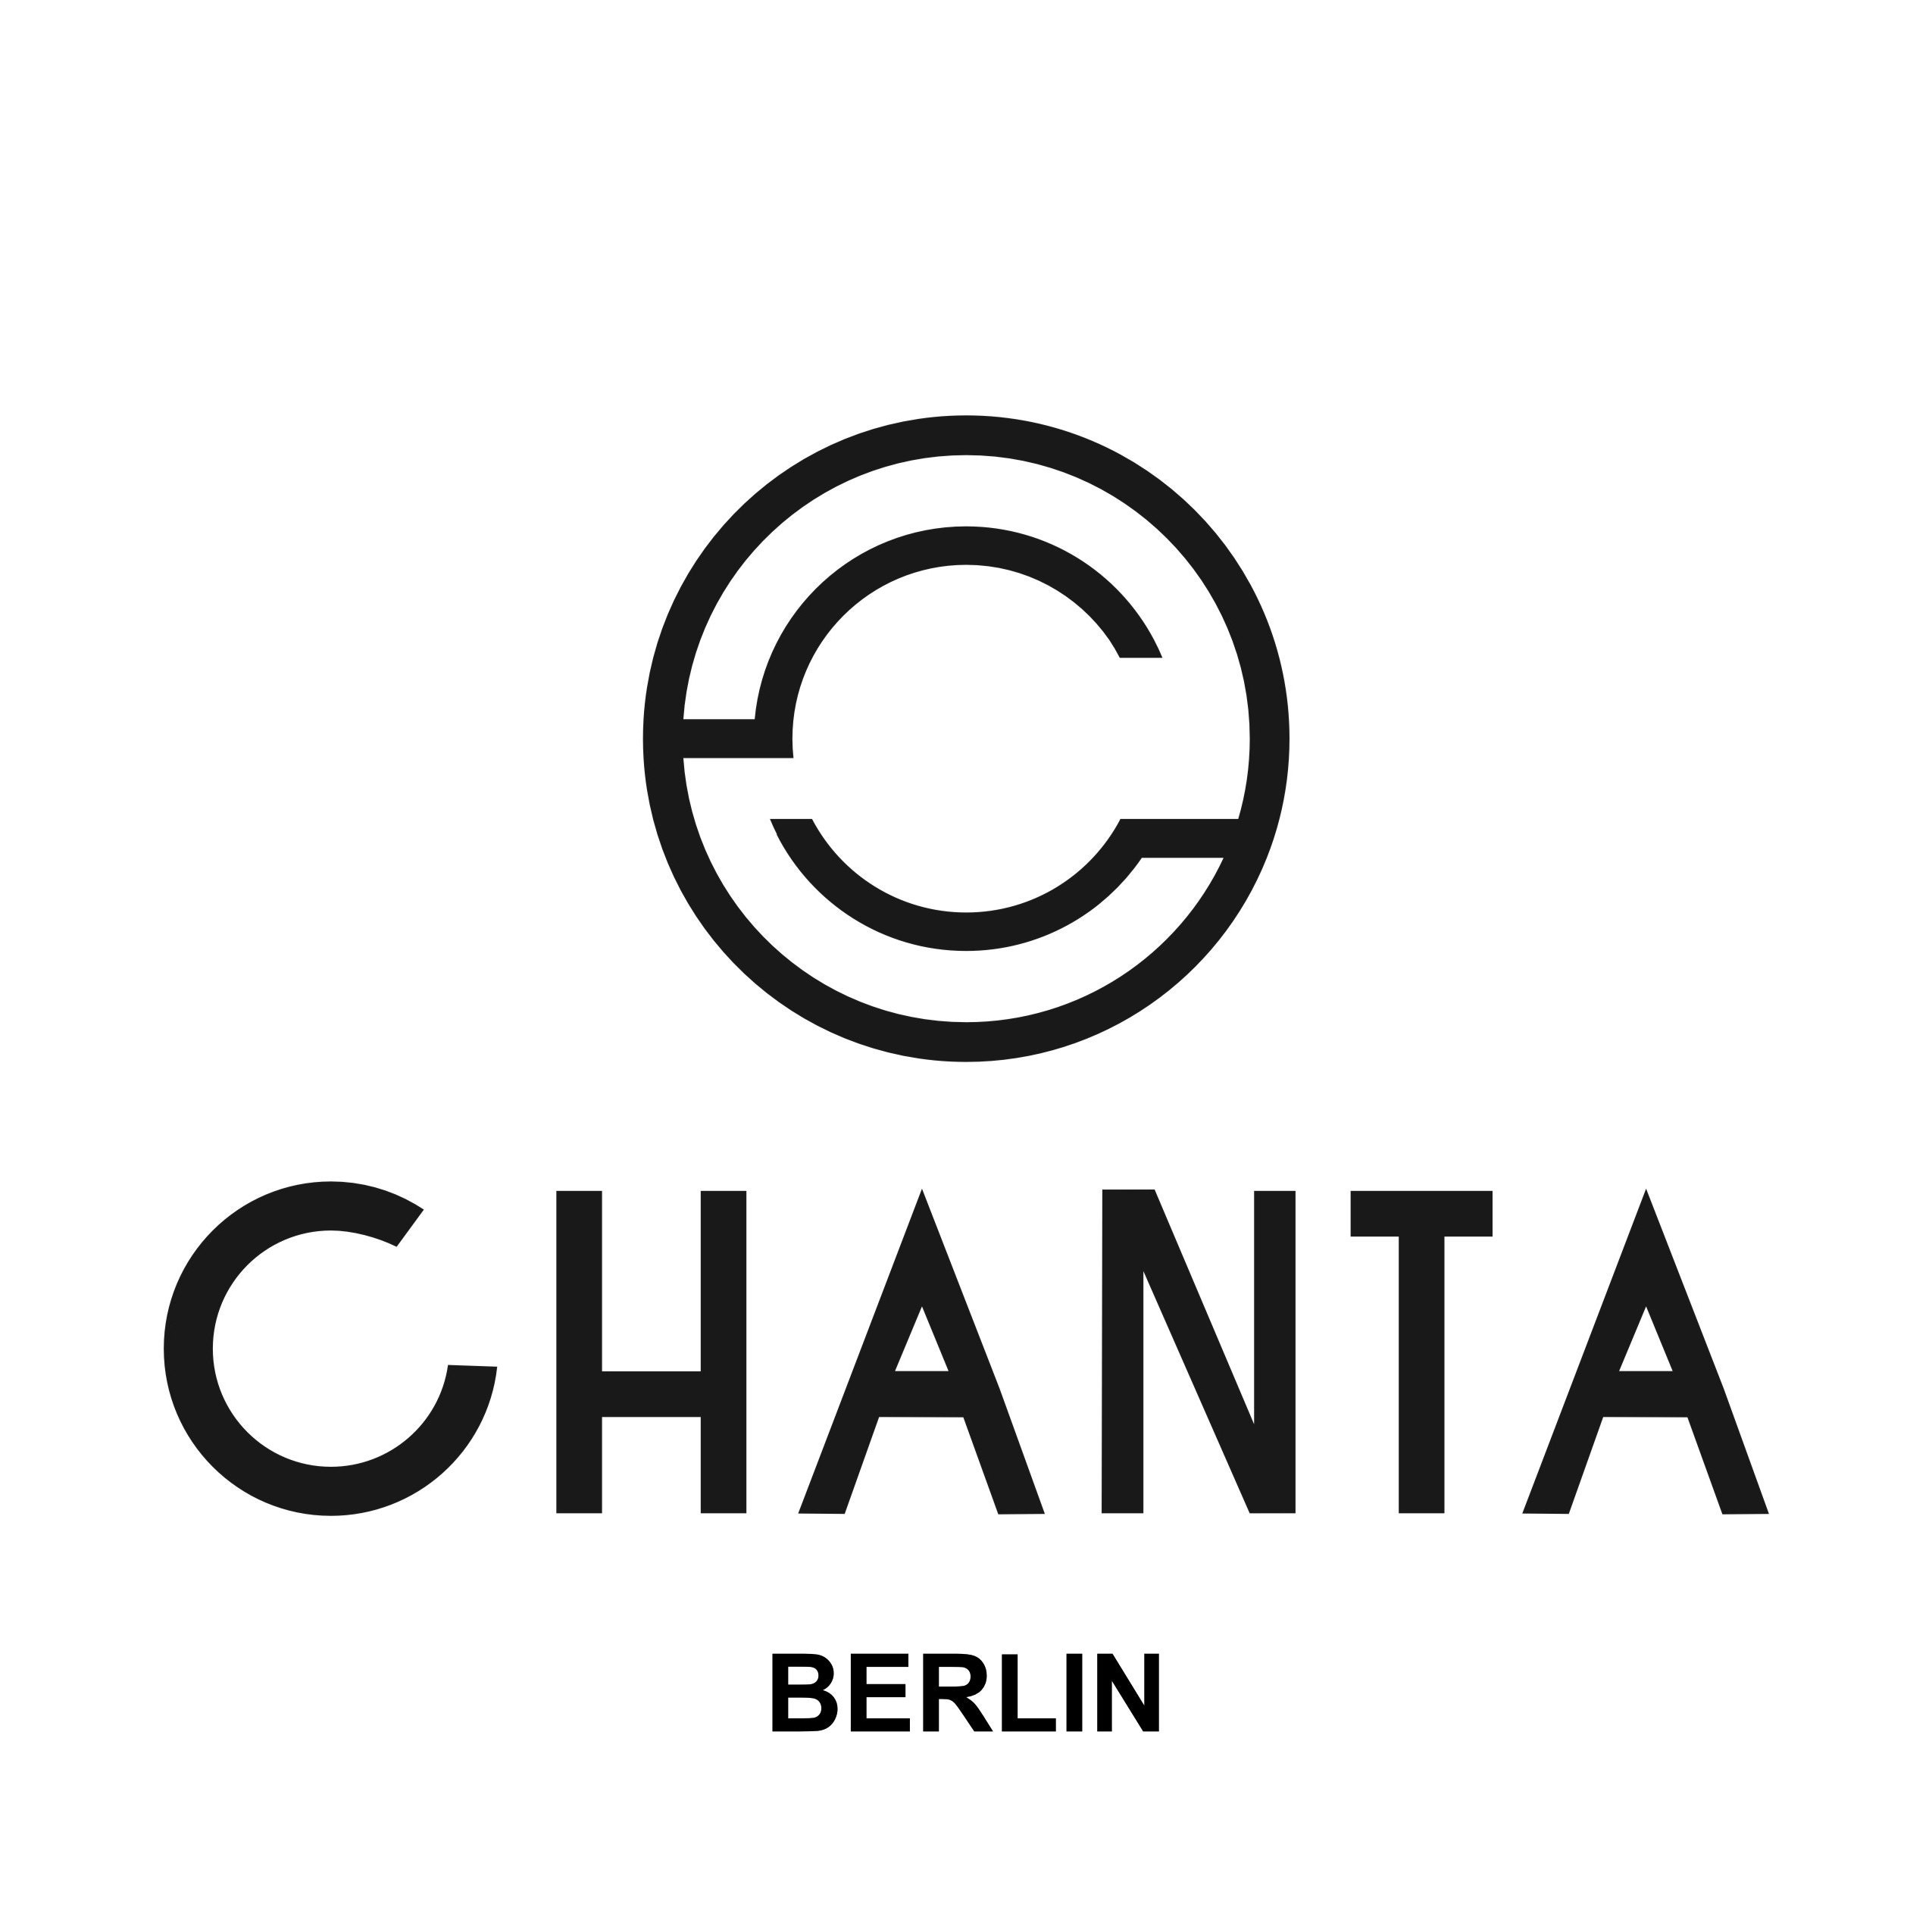 chanta handmade leder canvas taschen in berlin von chantadesign. Black Bedroom Furniture Sets. Home Design Ideas